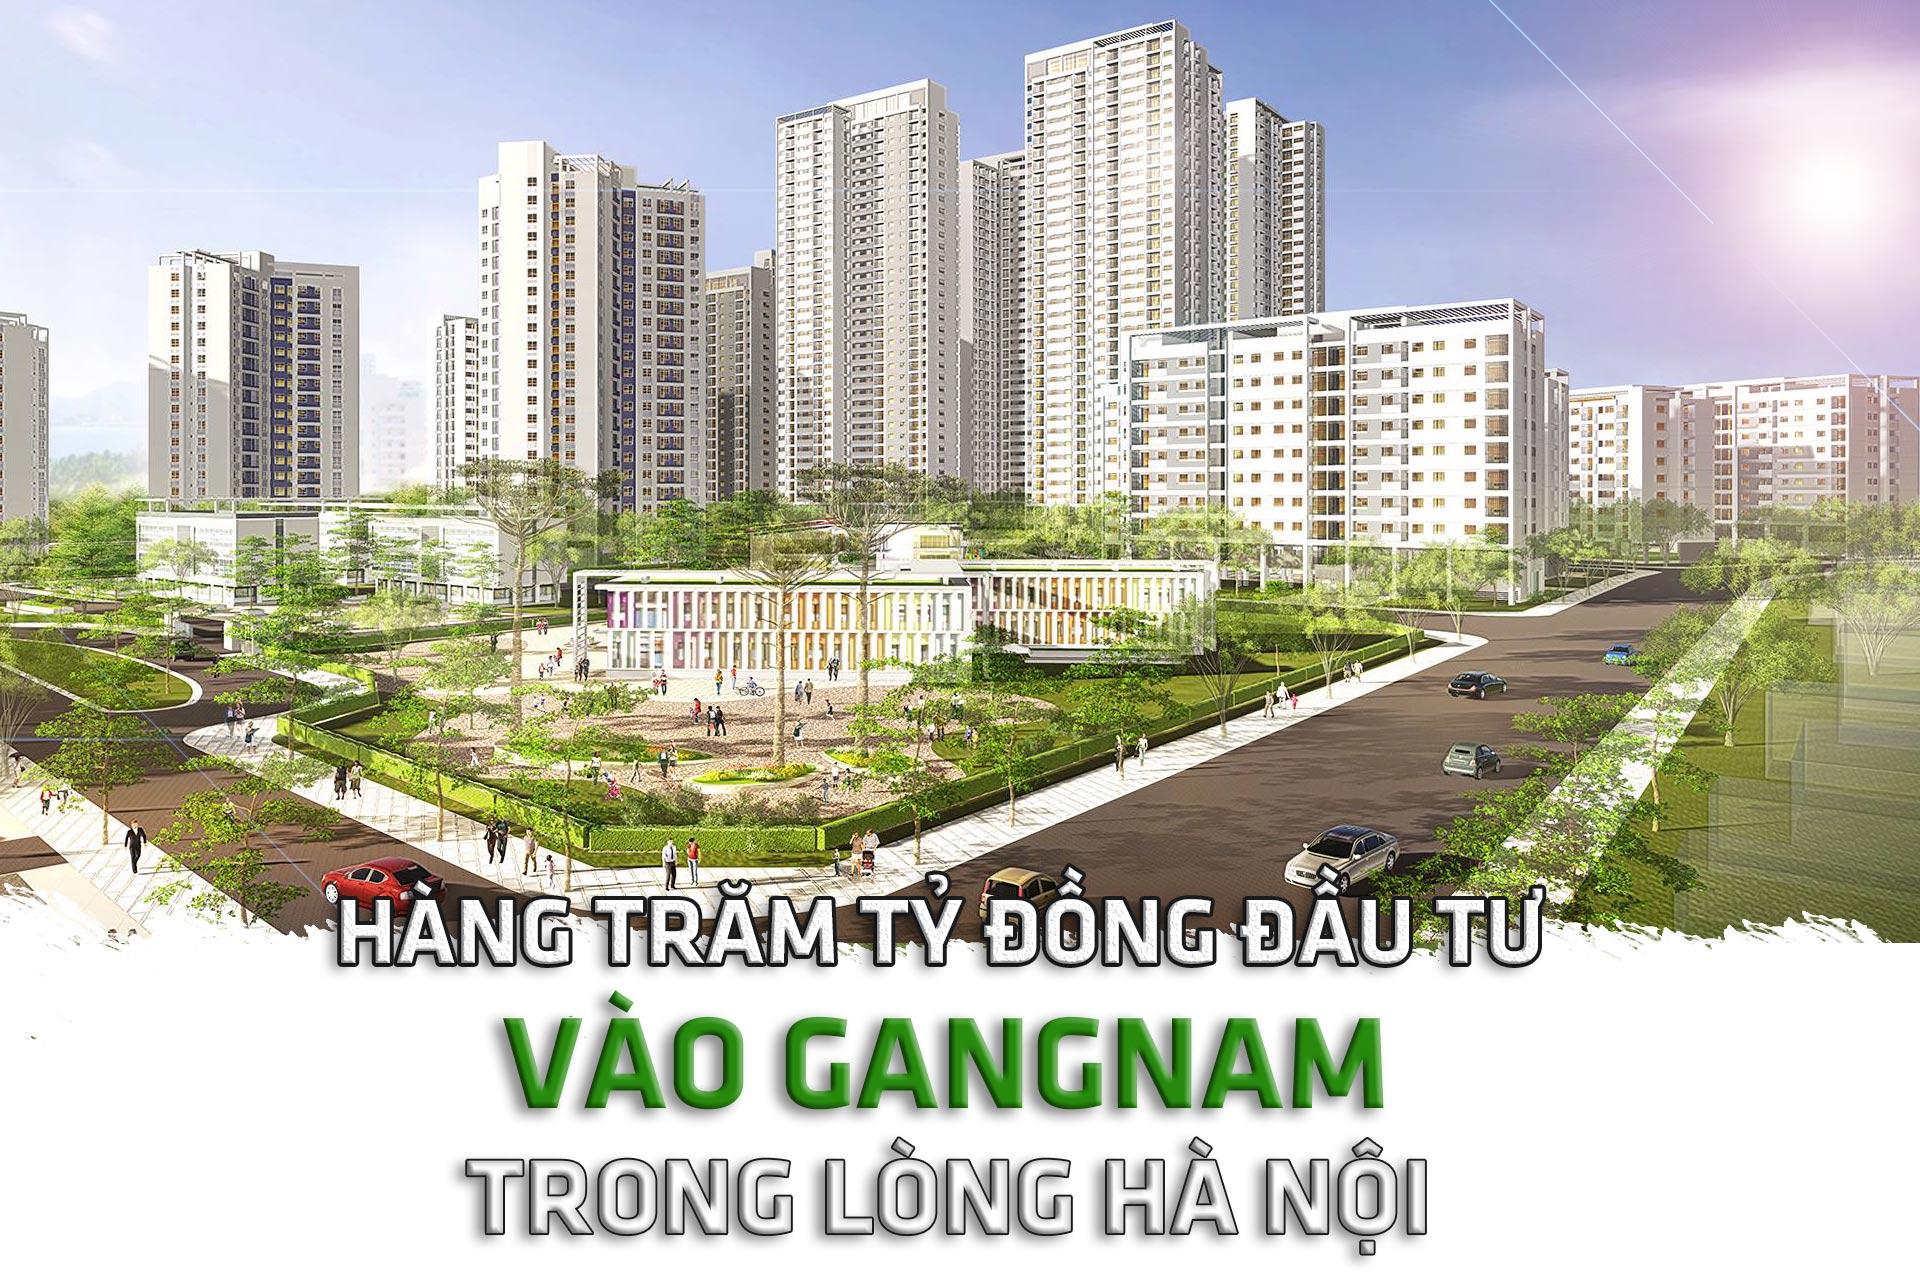 Hàng trăm tỷ đồng đầu tư vào Gangnam trong lòng Hà Nội - 1